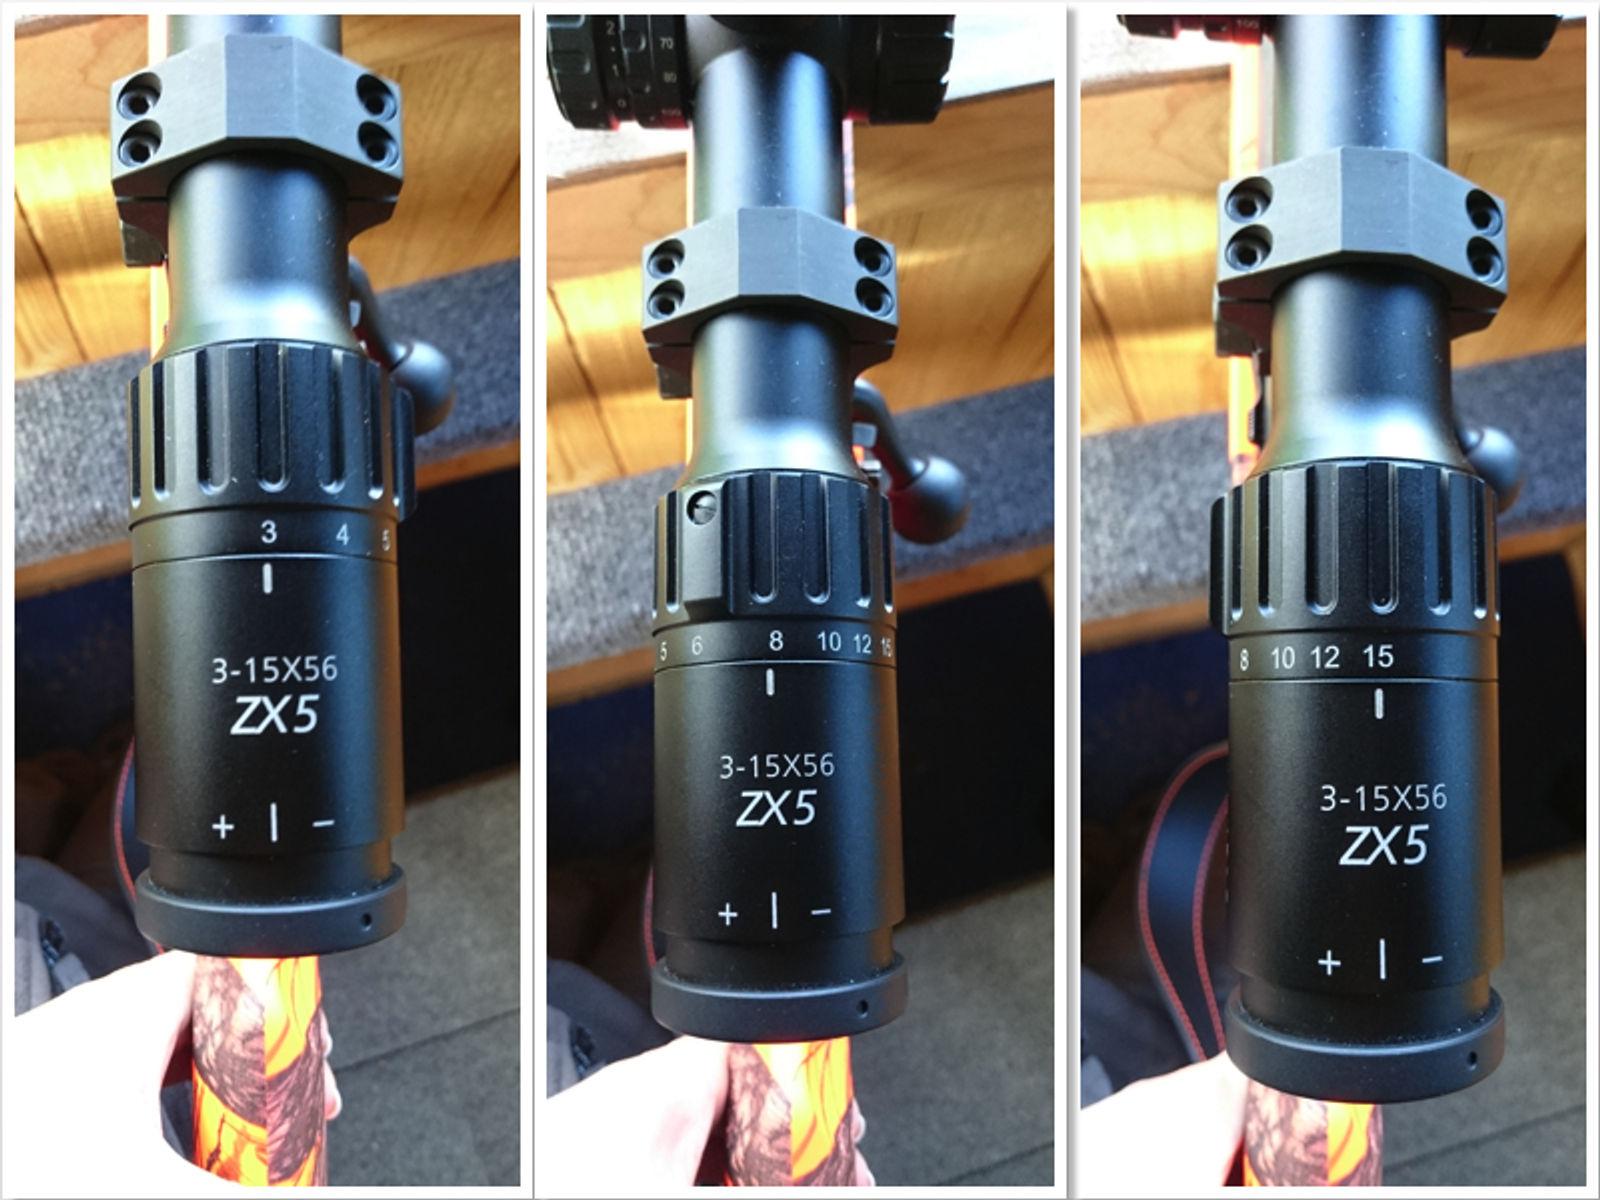 Das minox zx5i 3 15x56 zielfernrohr